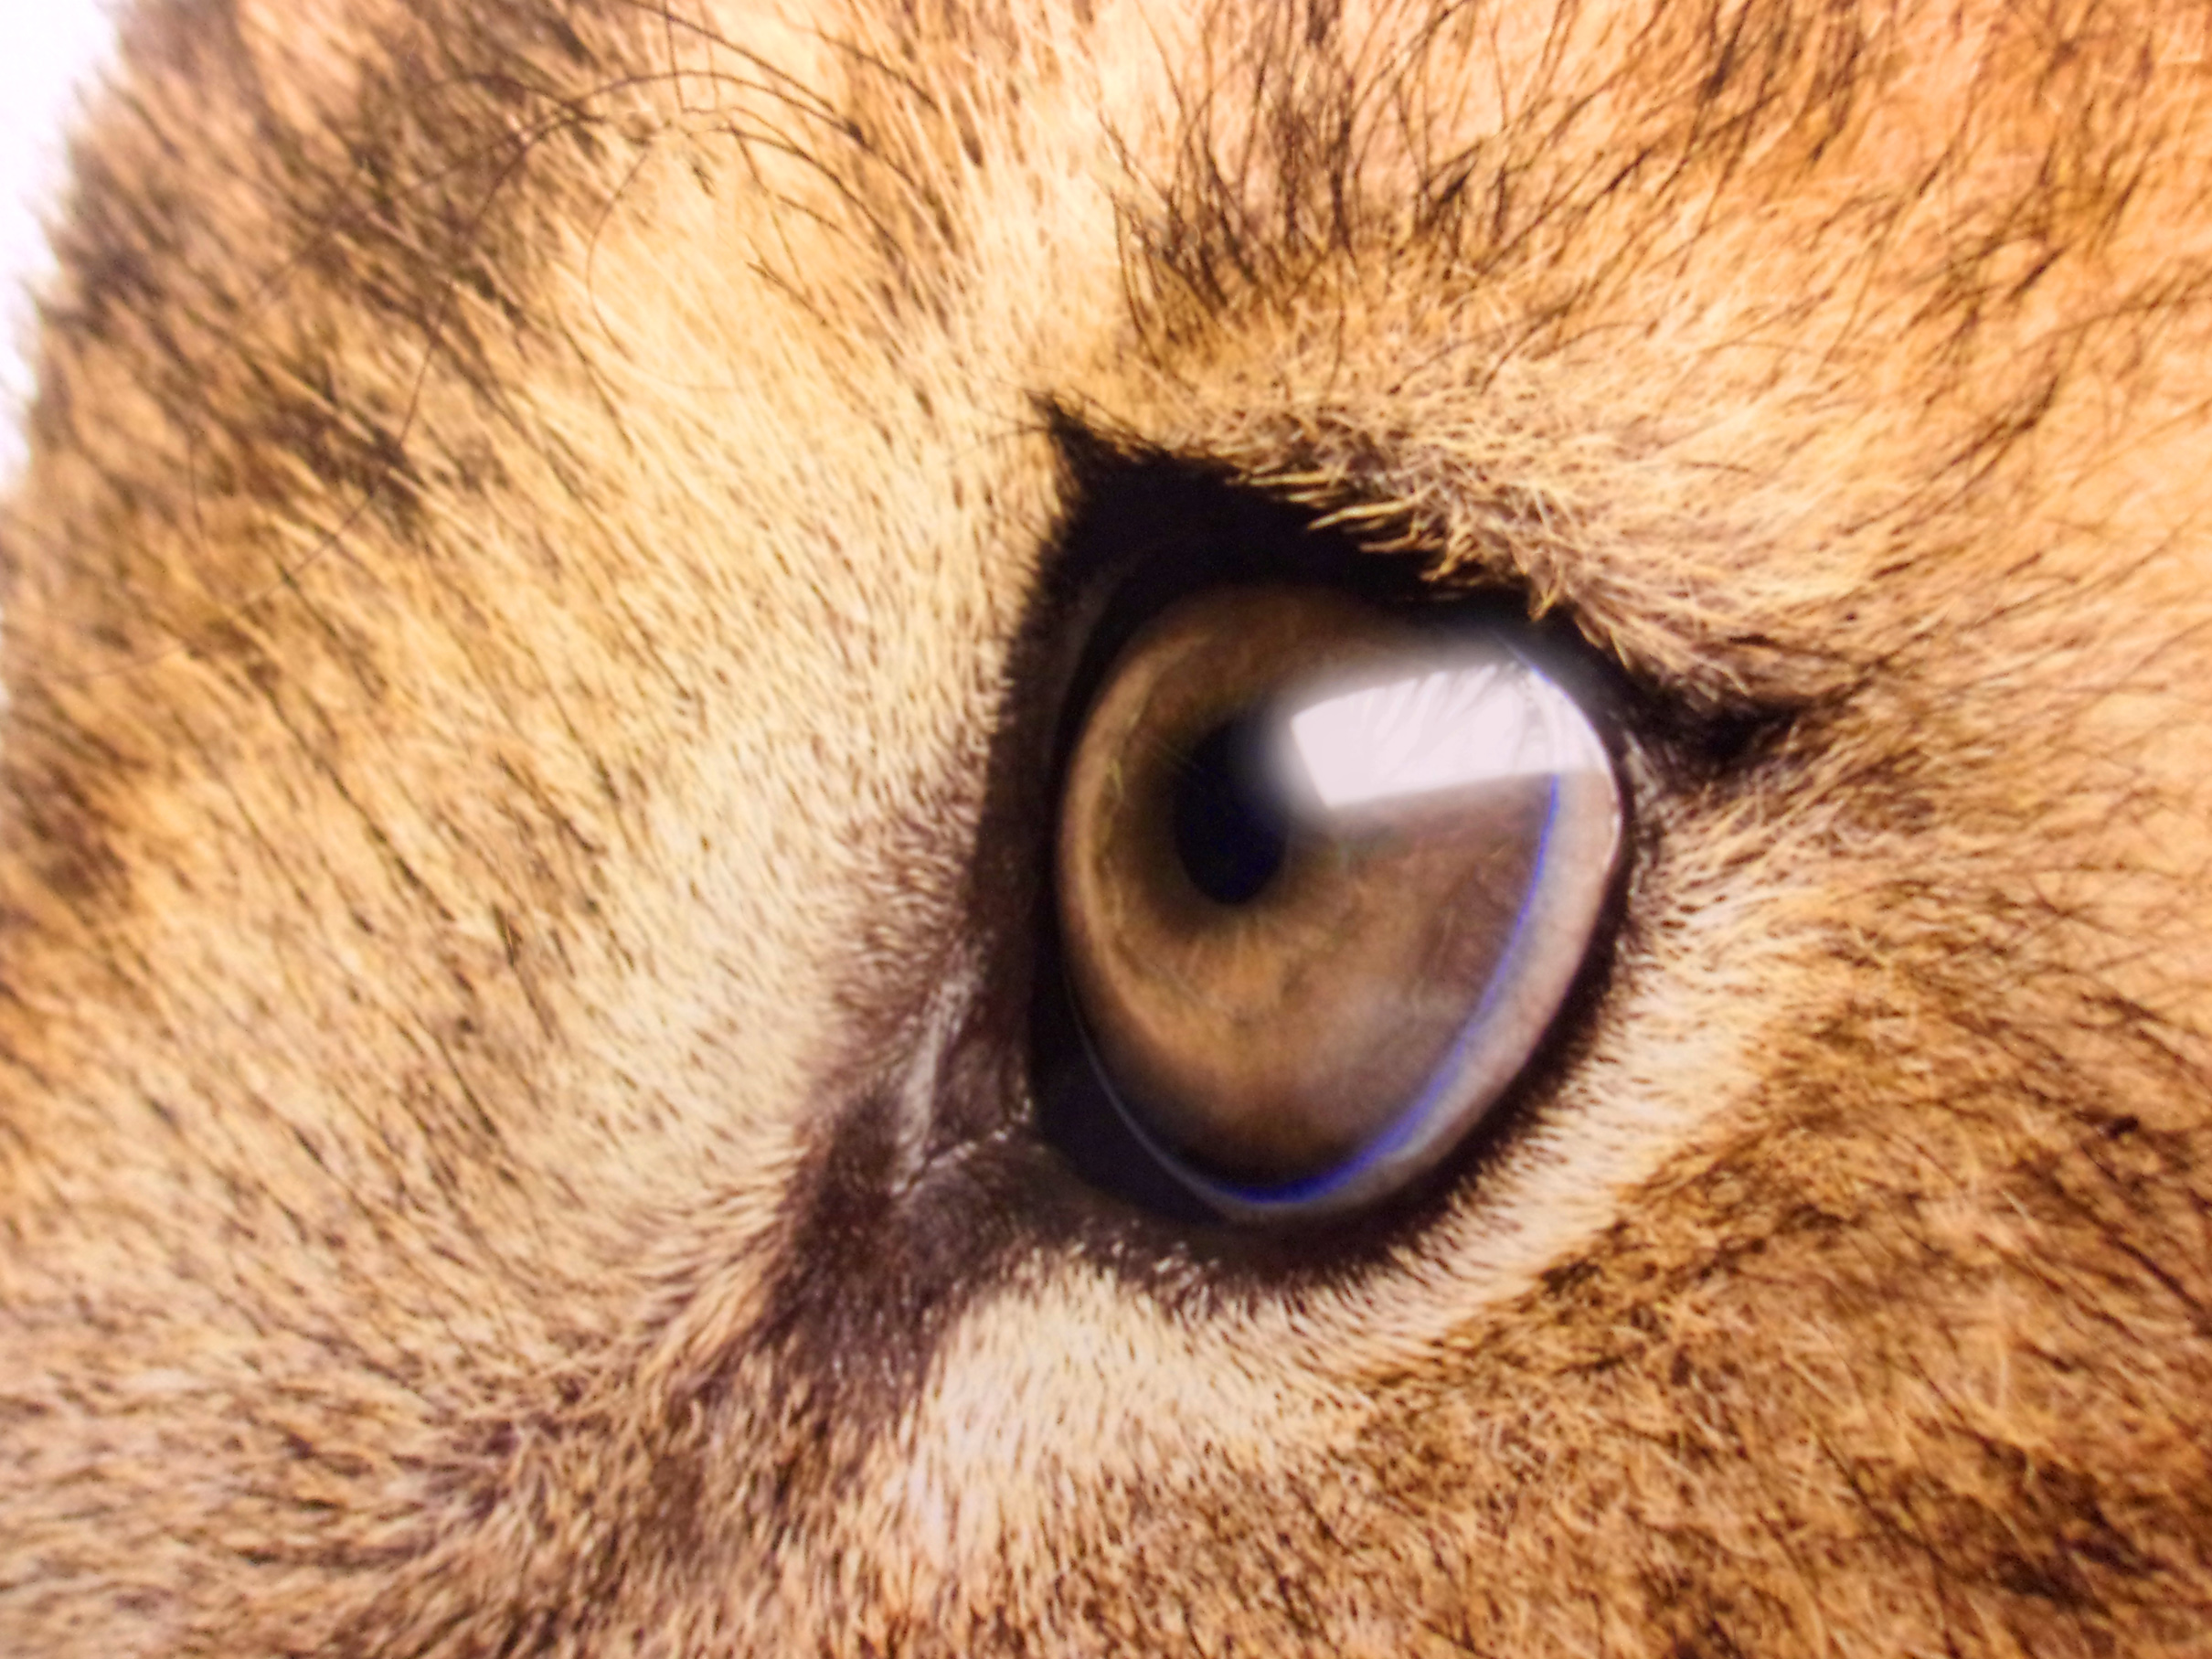 Lions sad eyes - close-up photo